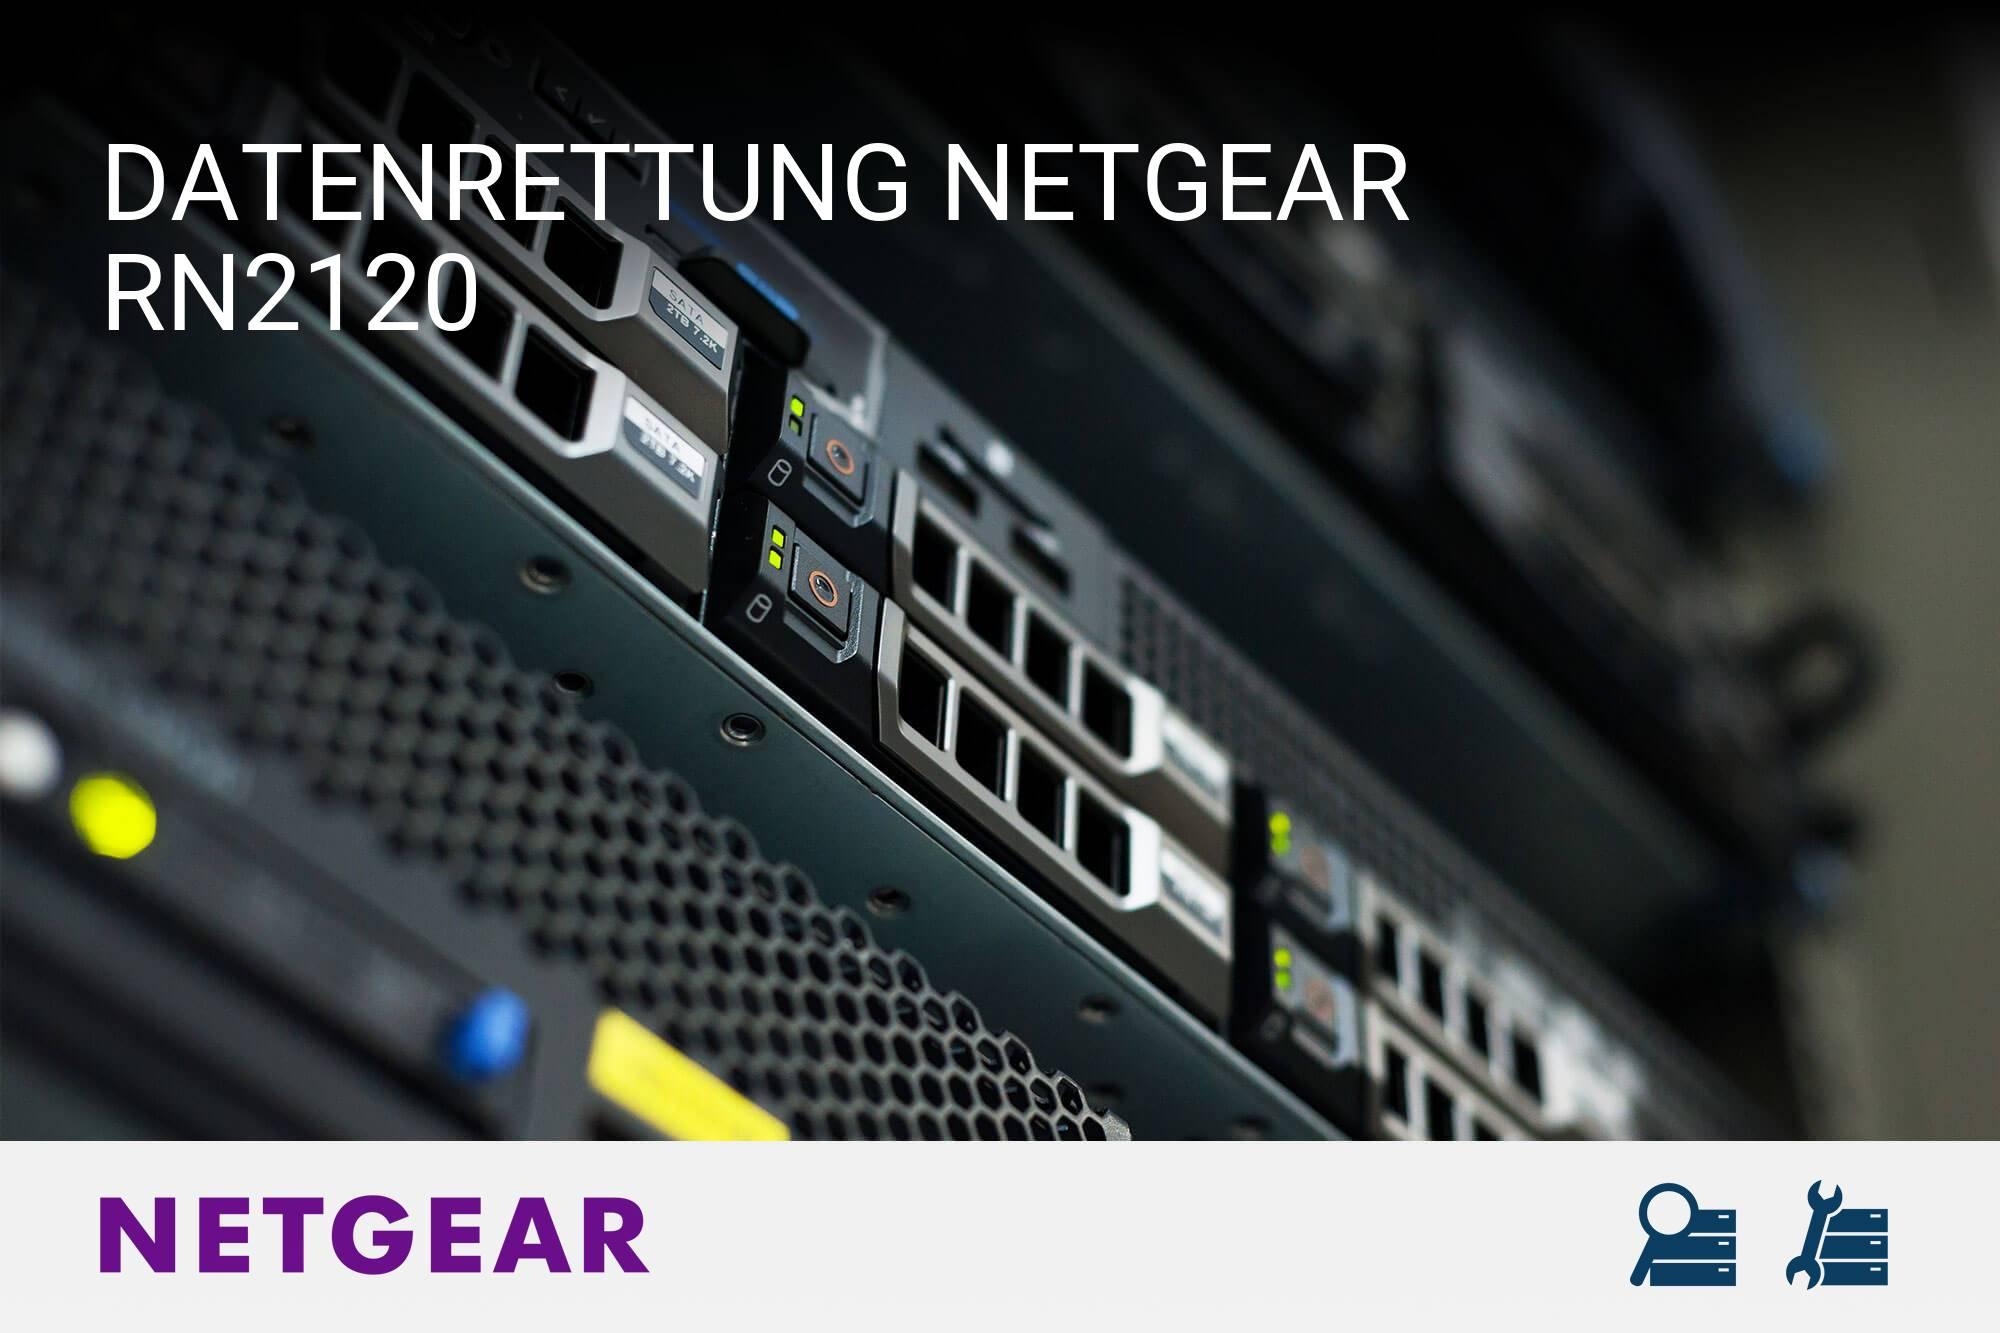 Netgear RN2120